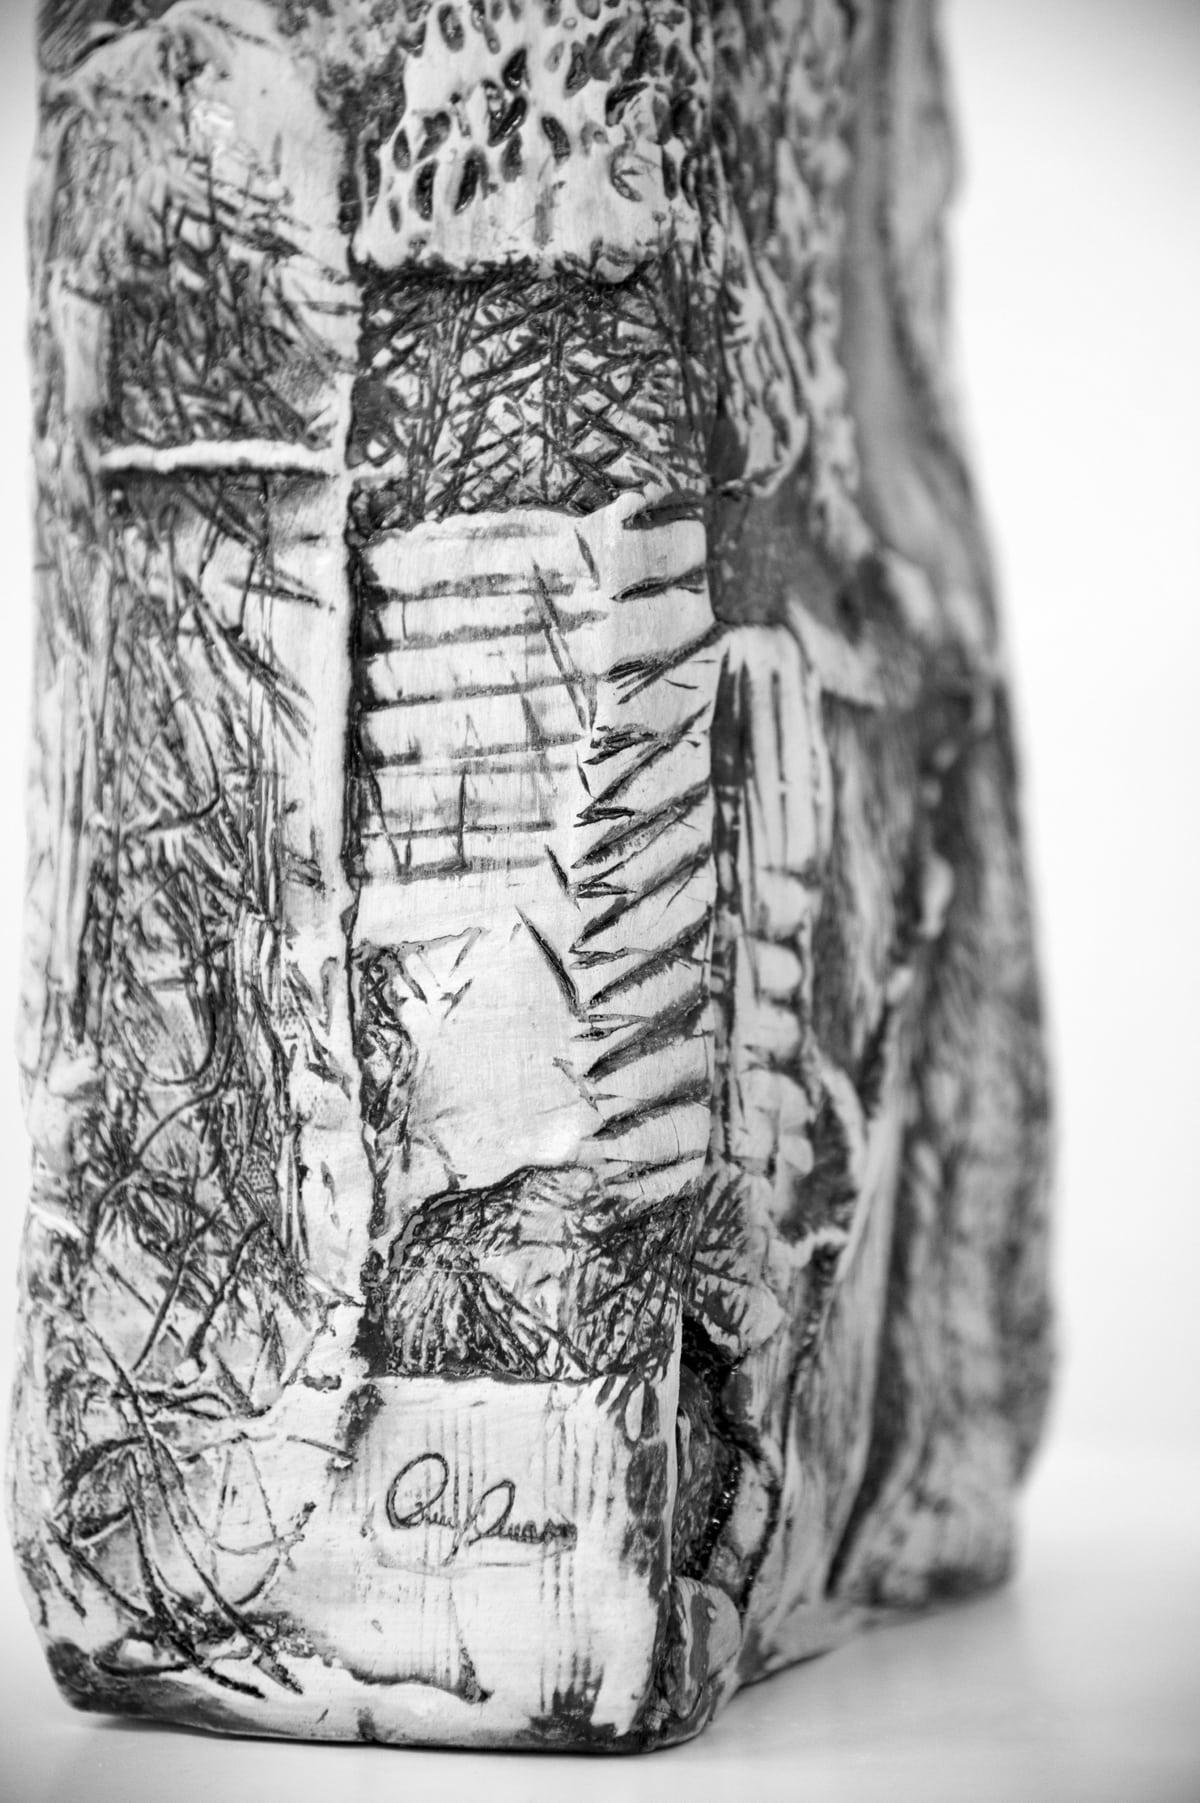 Firma dell'artista su un oggetto in ceramica realizzato a mano